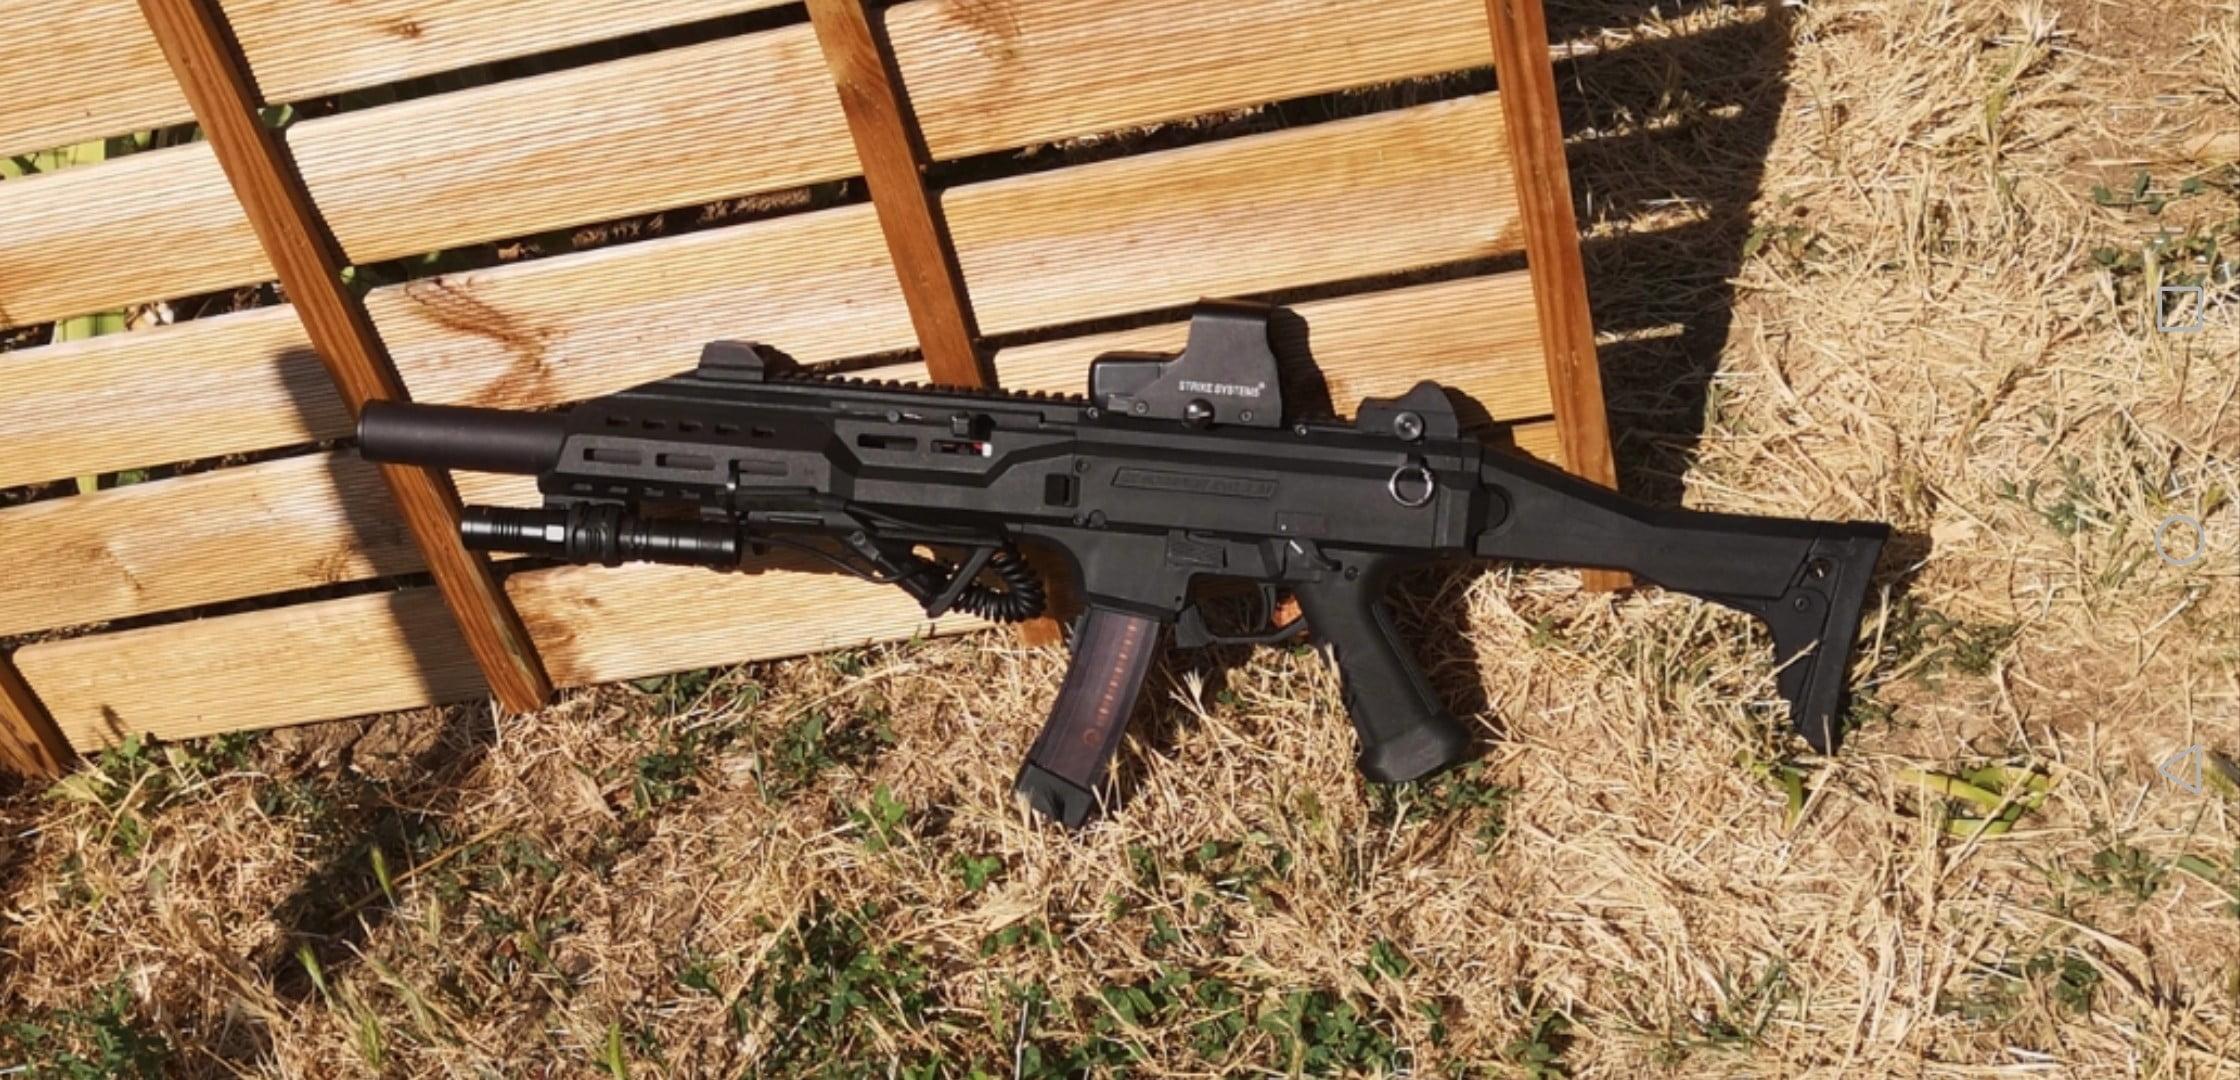 Scorpion Evo 3 BET